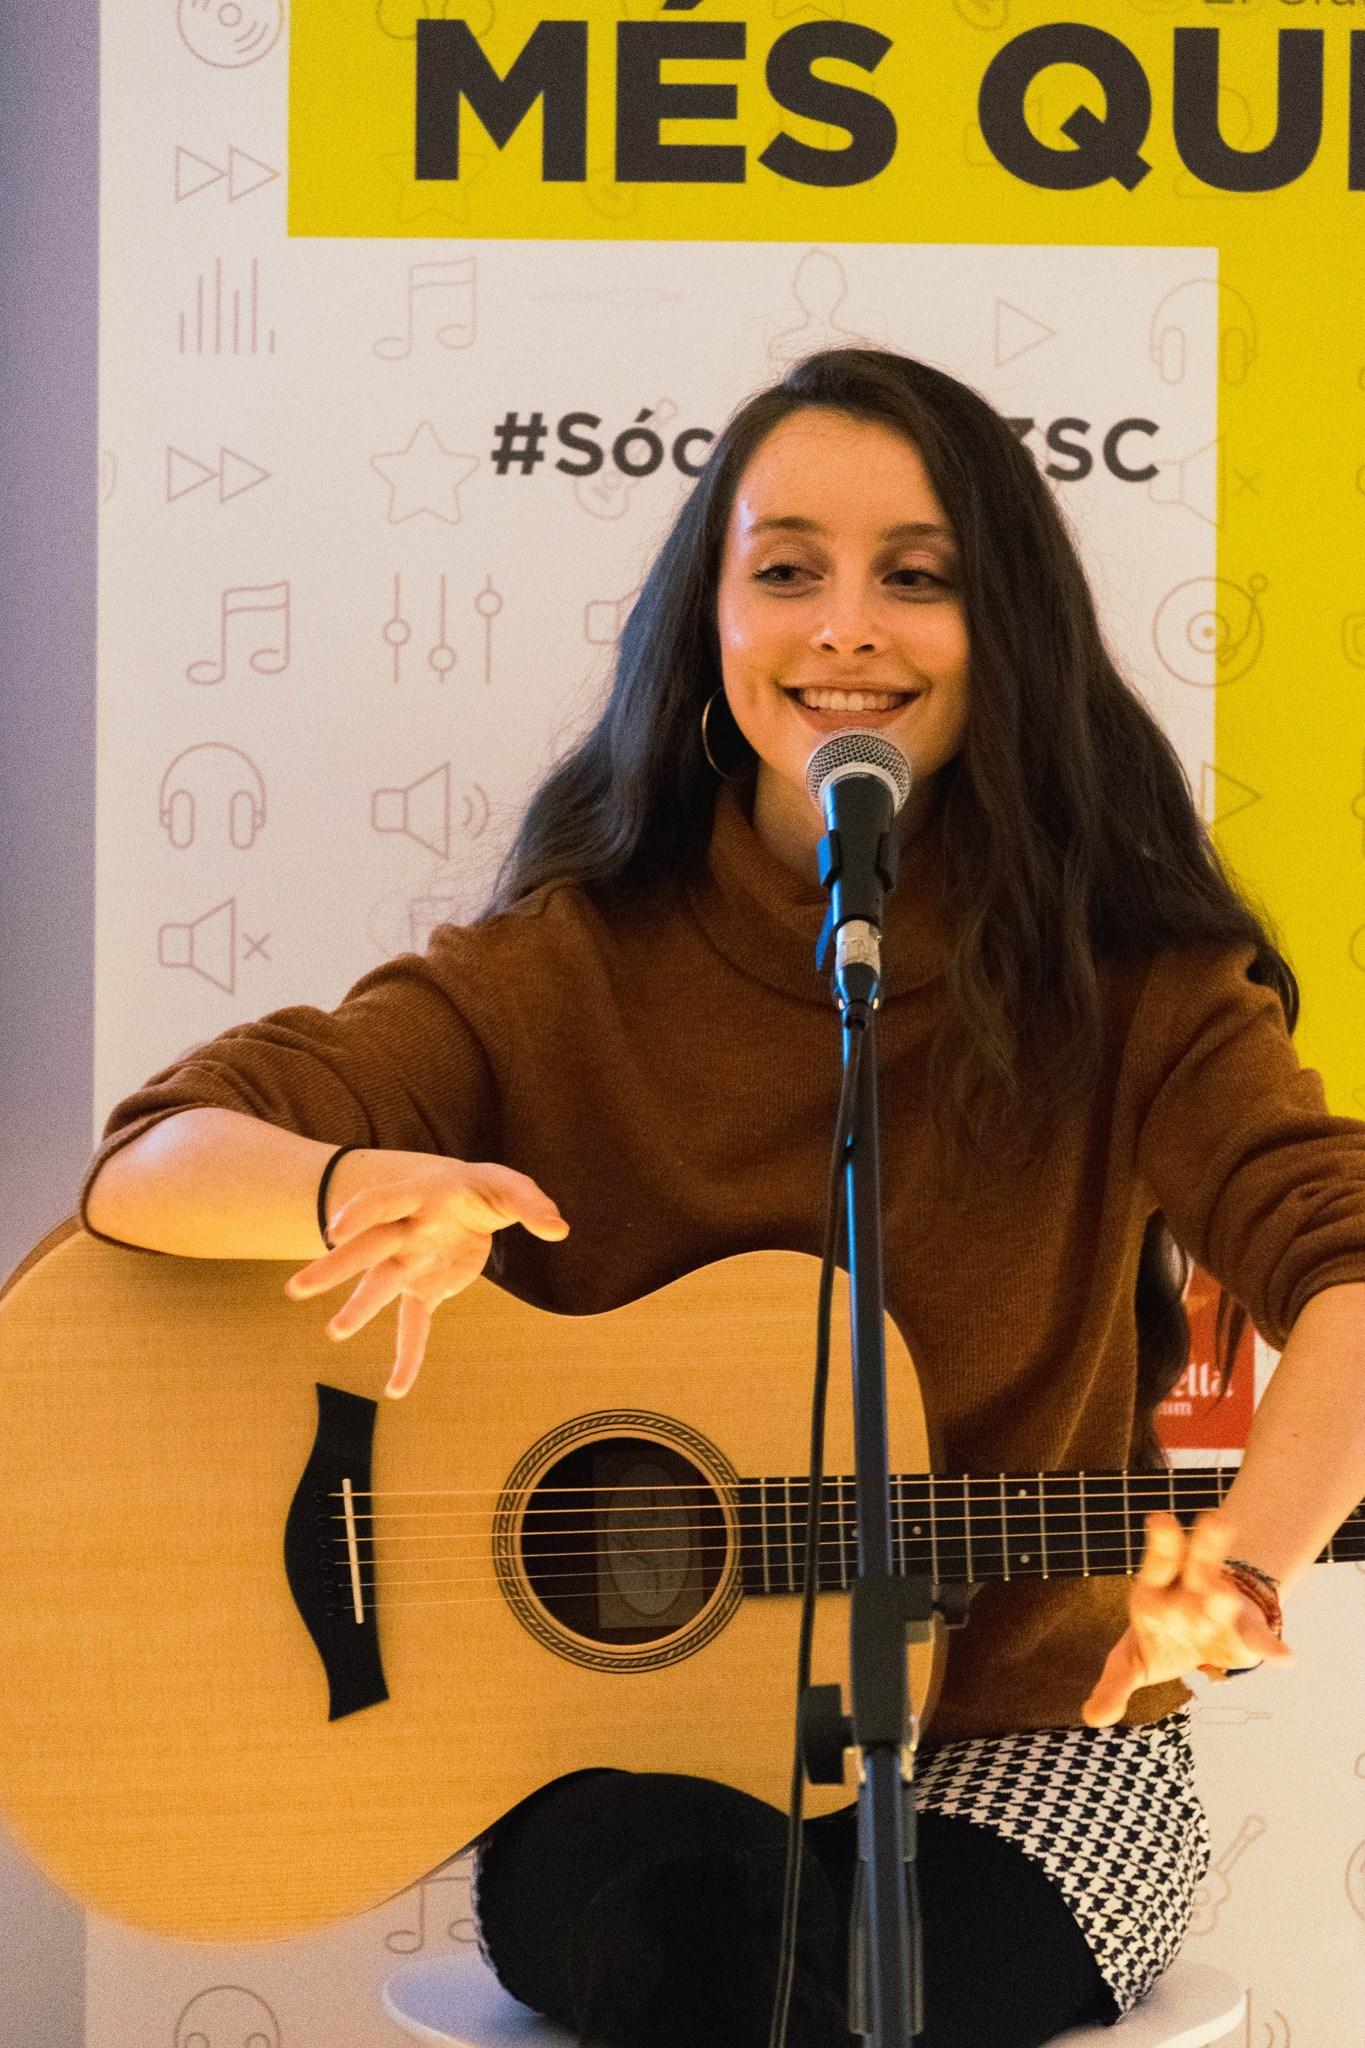 #MésQueMúsica amb Chloe Phillips